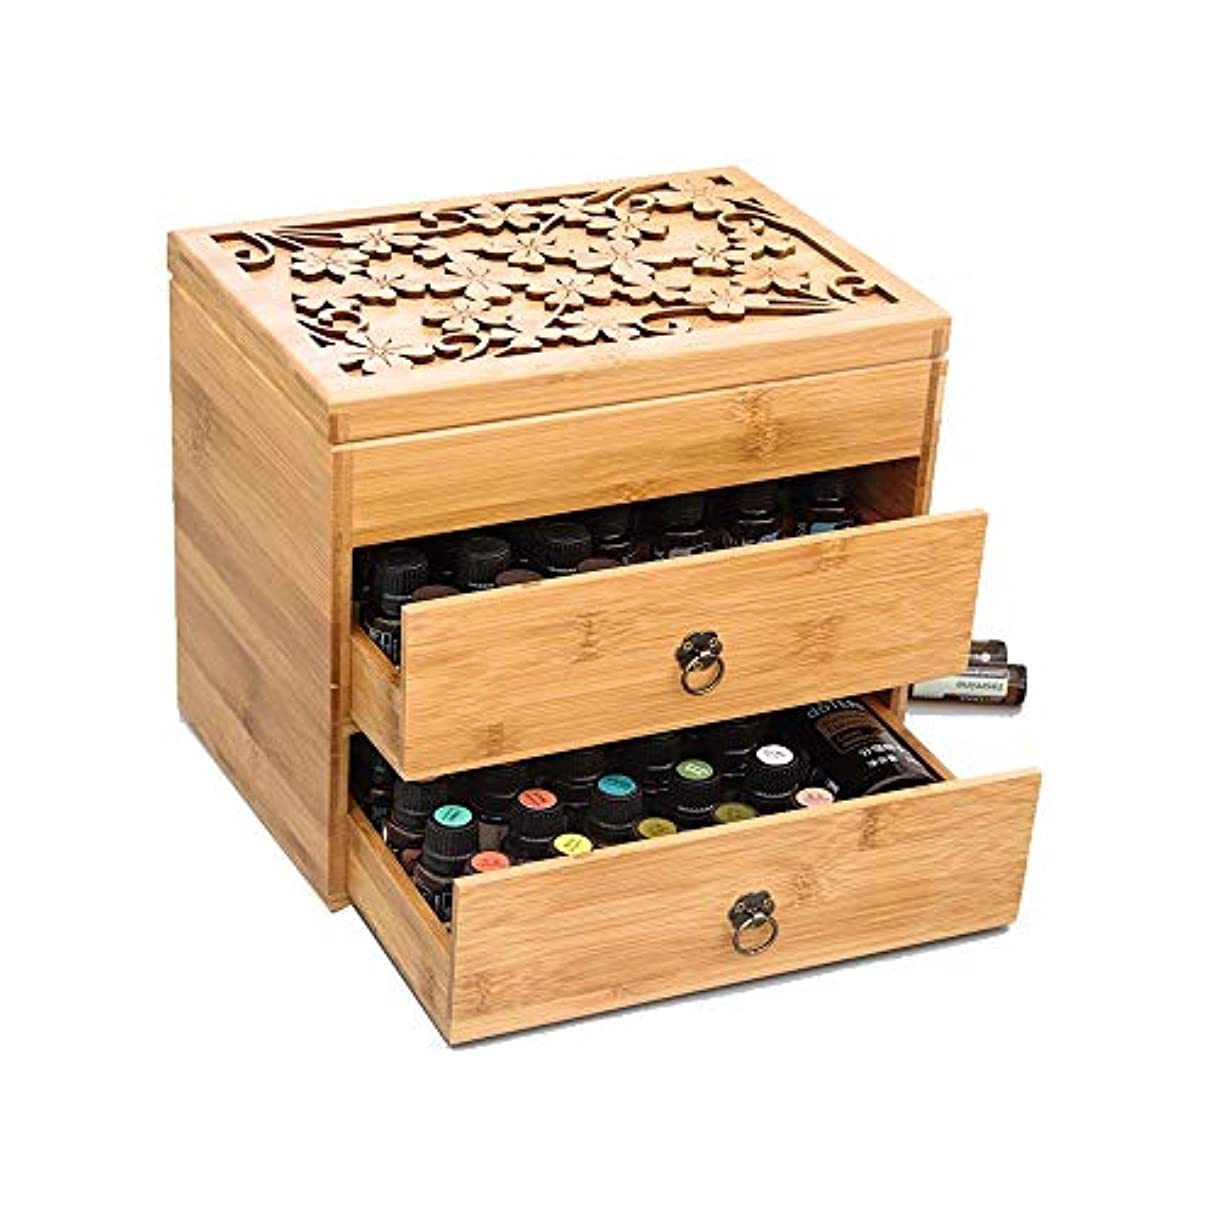 寂しいジムコジオスコ3ティアエッセンシャルオイルボックス木製収納ケースは、エレガントな装飾的なデザインでは5、10&15ミリリットルボトルを保護します アロマセラピー製品 (色 : Natural, サイズ : 26X18X24.5CM)